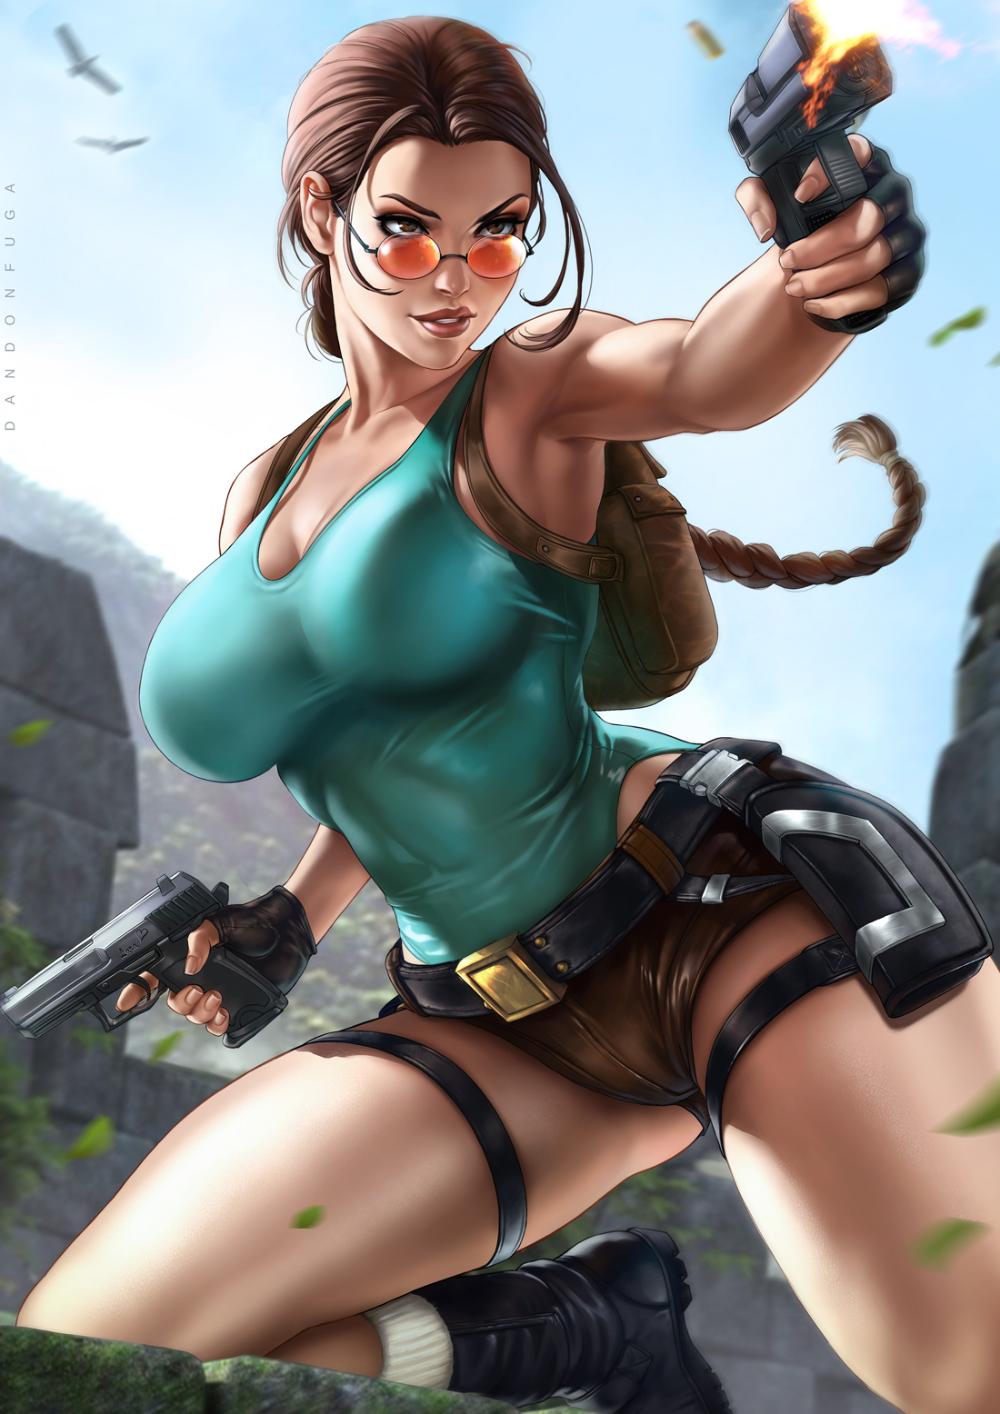 Classic Lara Croft By Dandonfuga By Dandonfuga On Deviantart Lara Croft Classic Lara Croft Tomb Raider